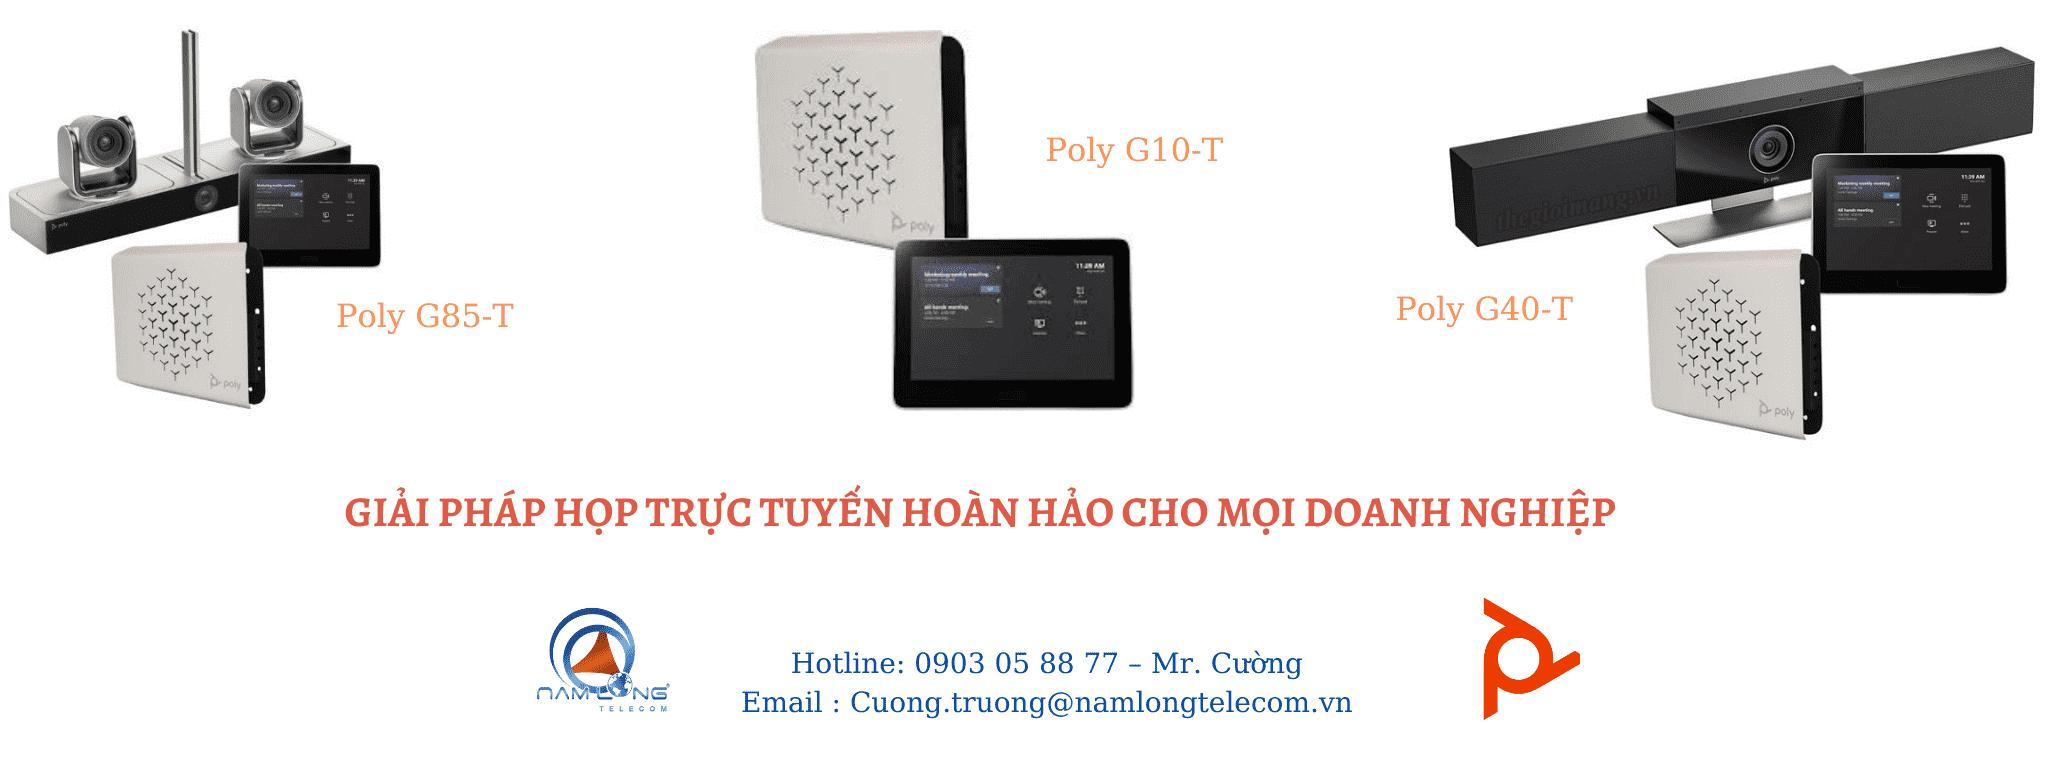 Poly G10-T - G40-T - G85-T